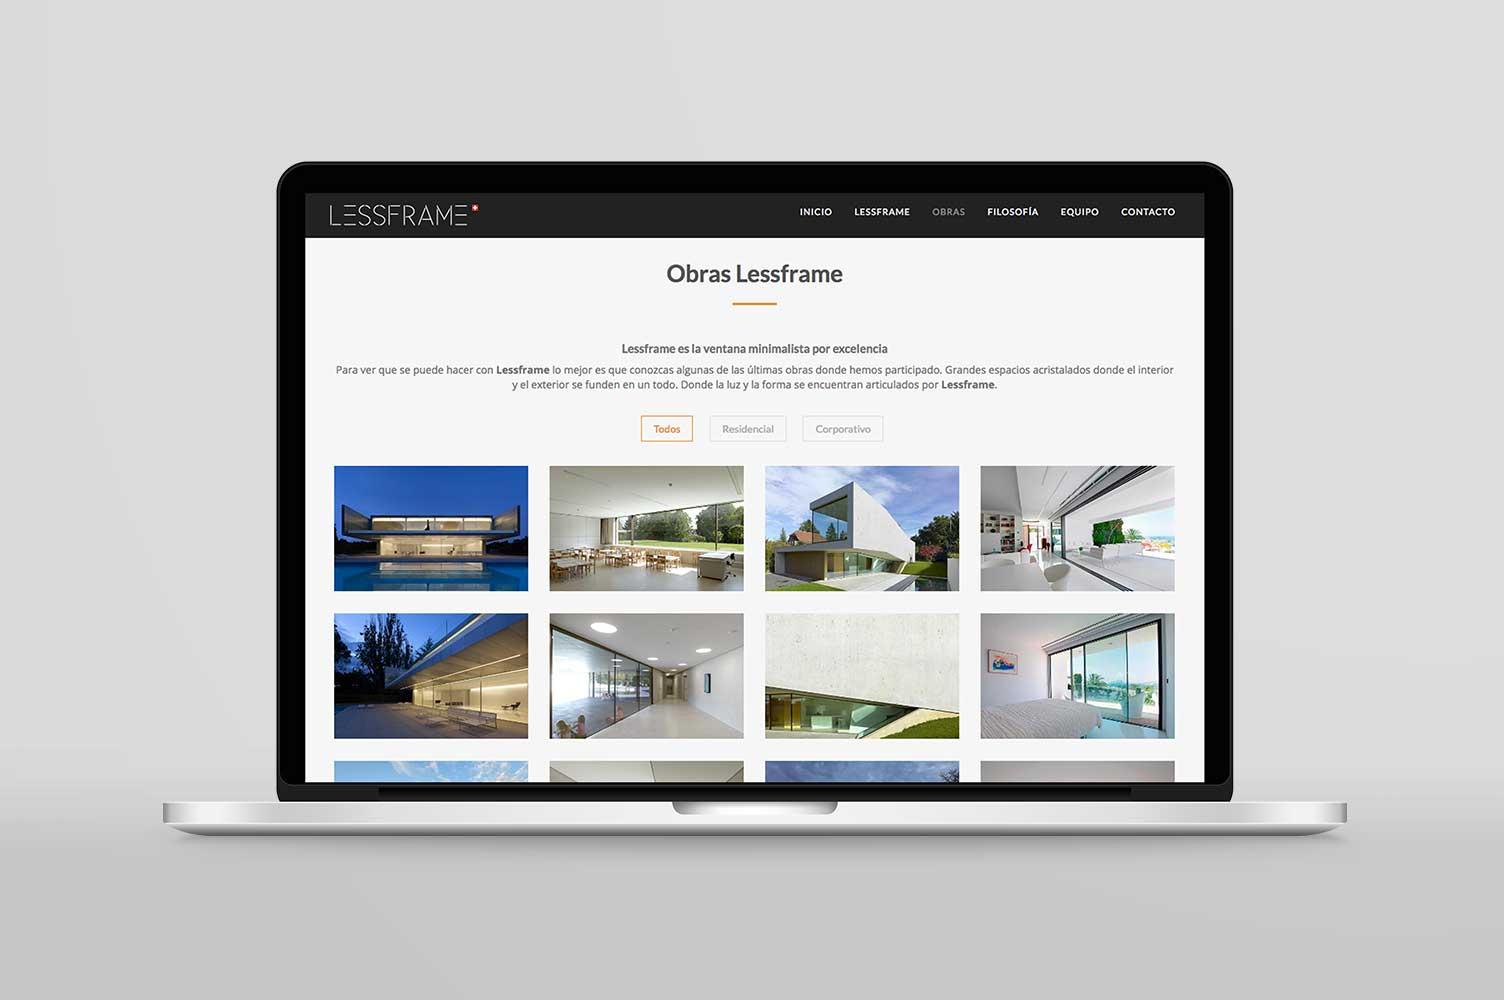 Diseño web laptop landing page Lessframe